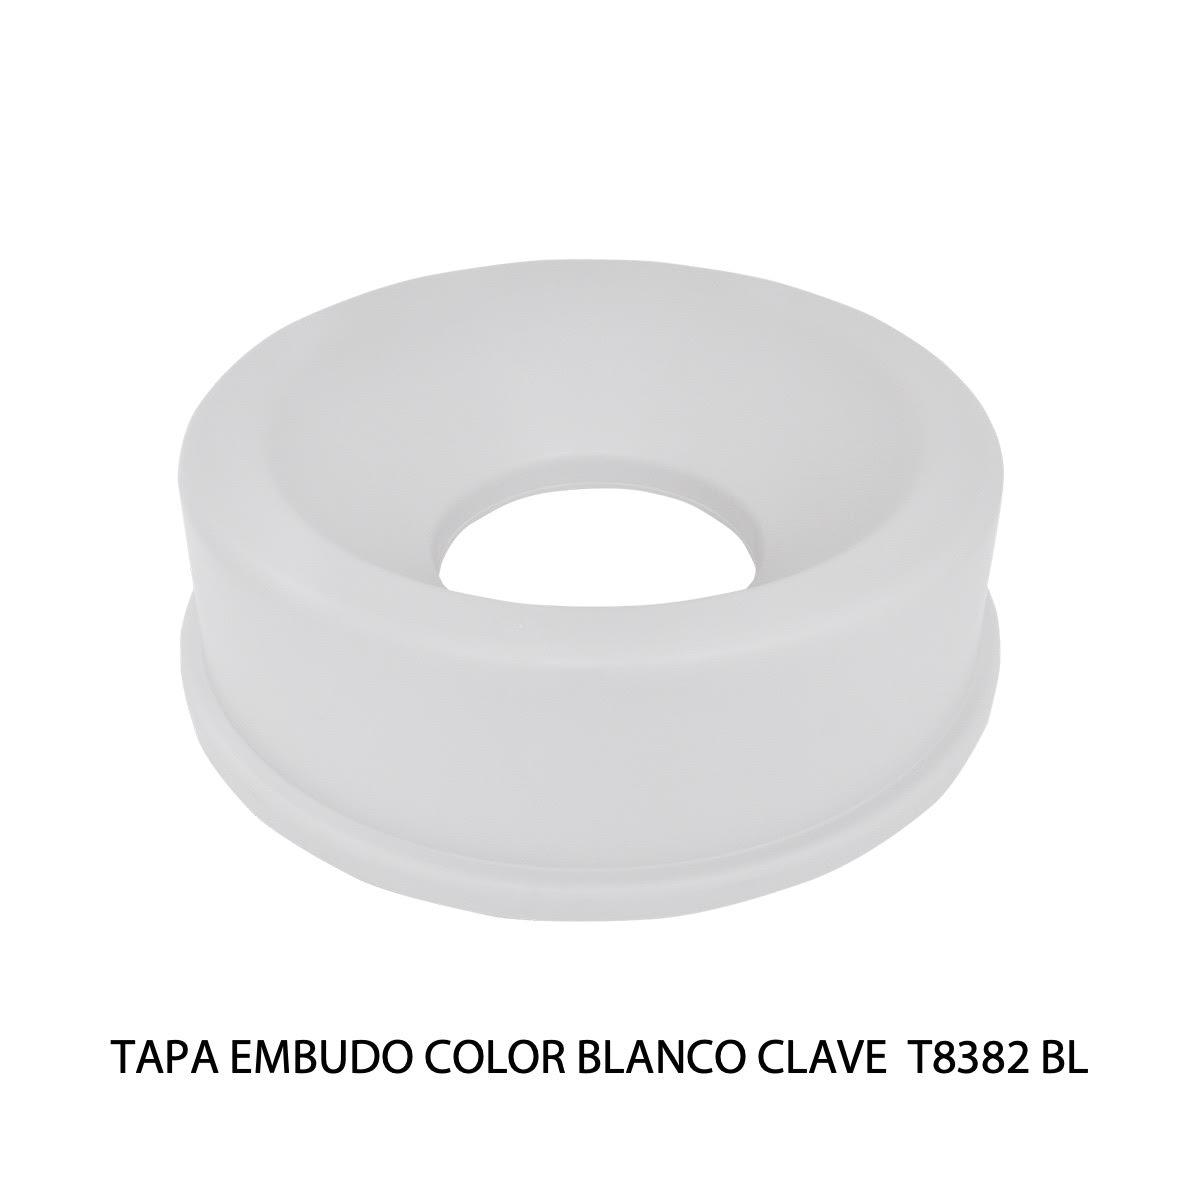 Tapa embudo color blanco clave T8382 BL de Sablón